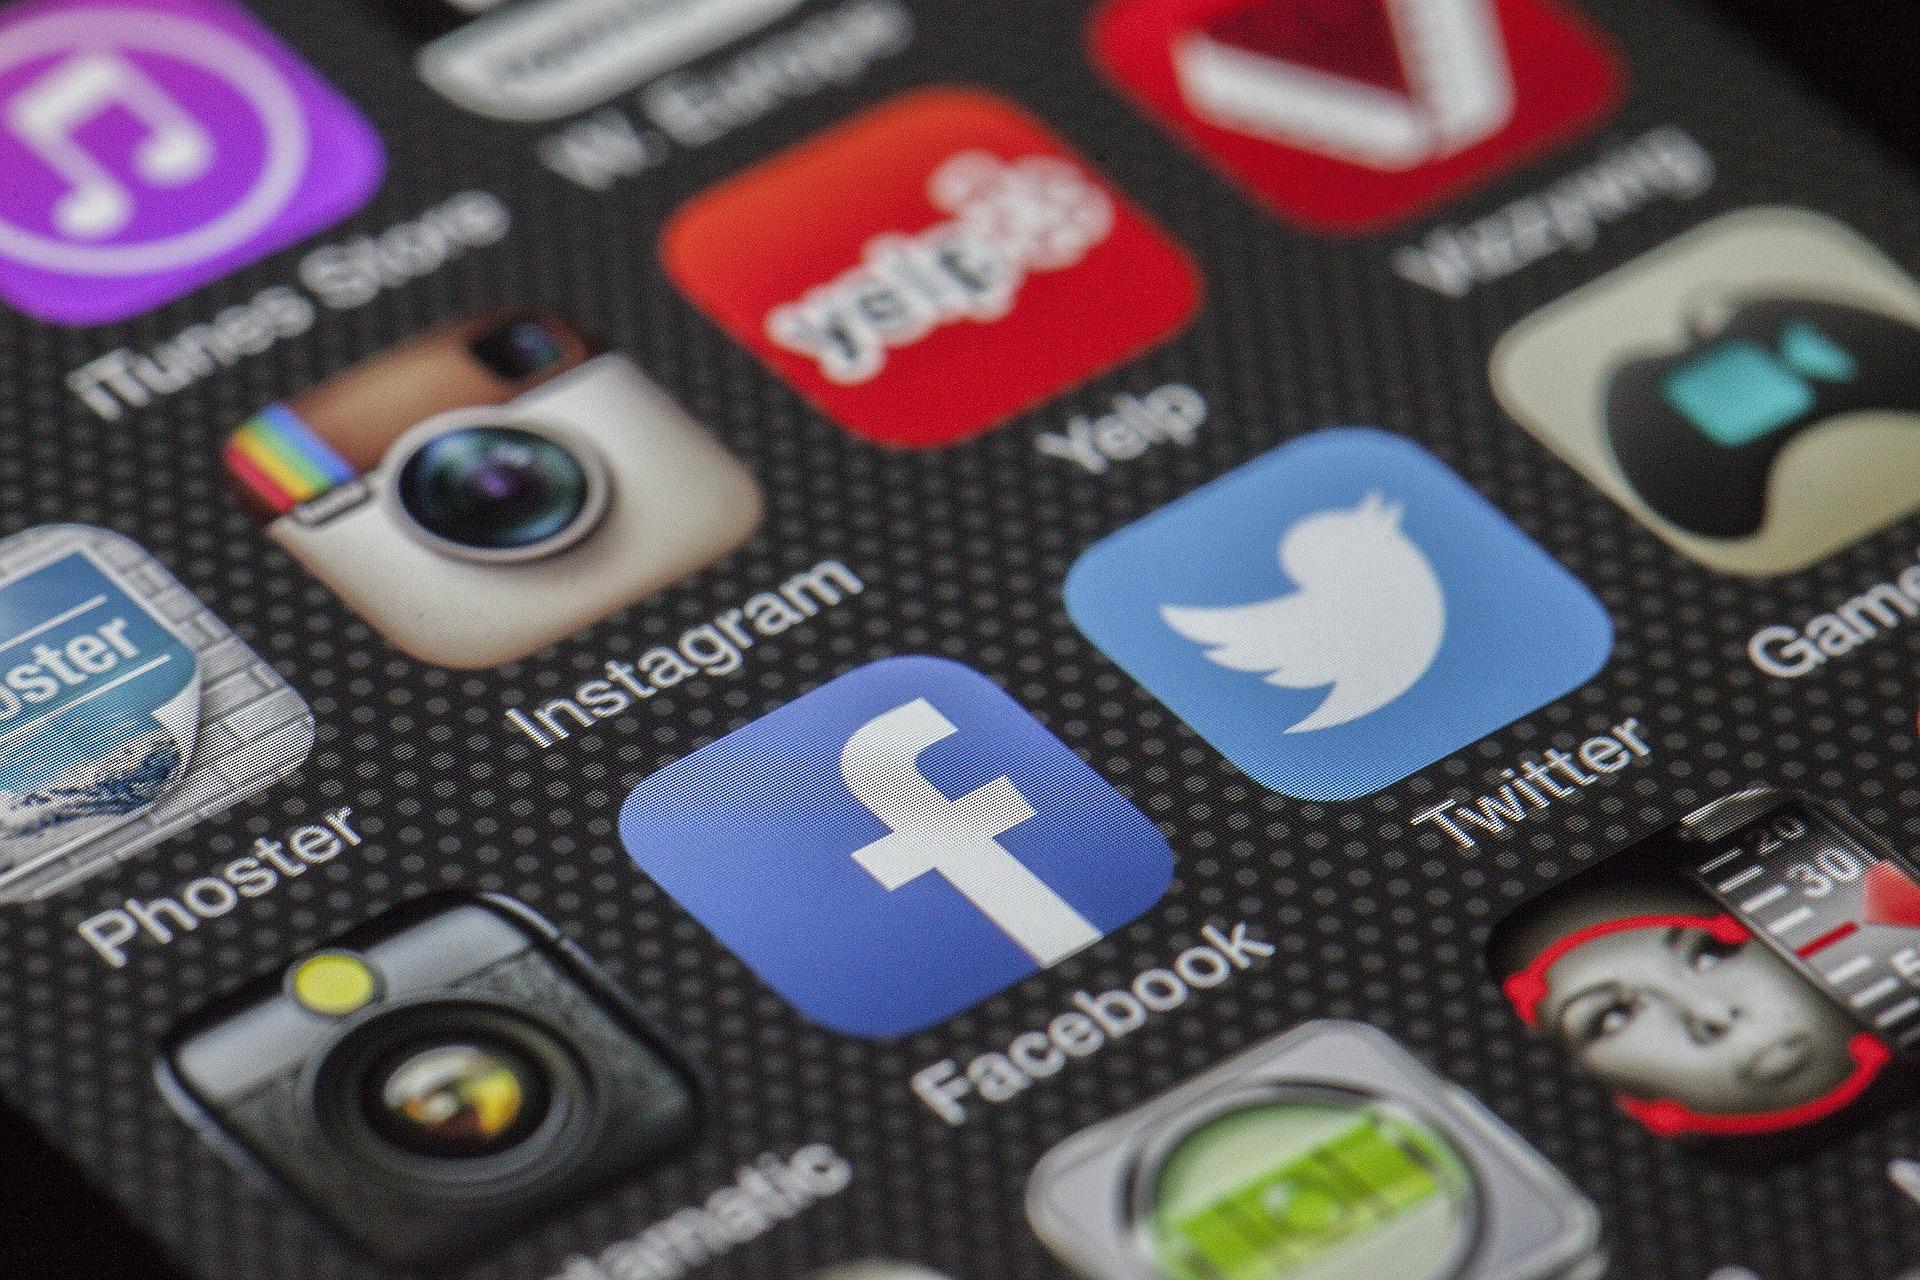 צלמים: 5 רעיונות יצירתיים לקידום העסק ברשתות החברתיות